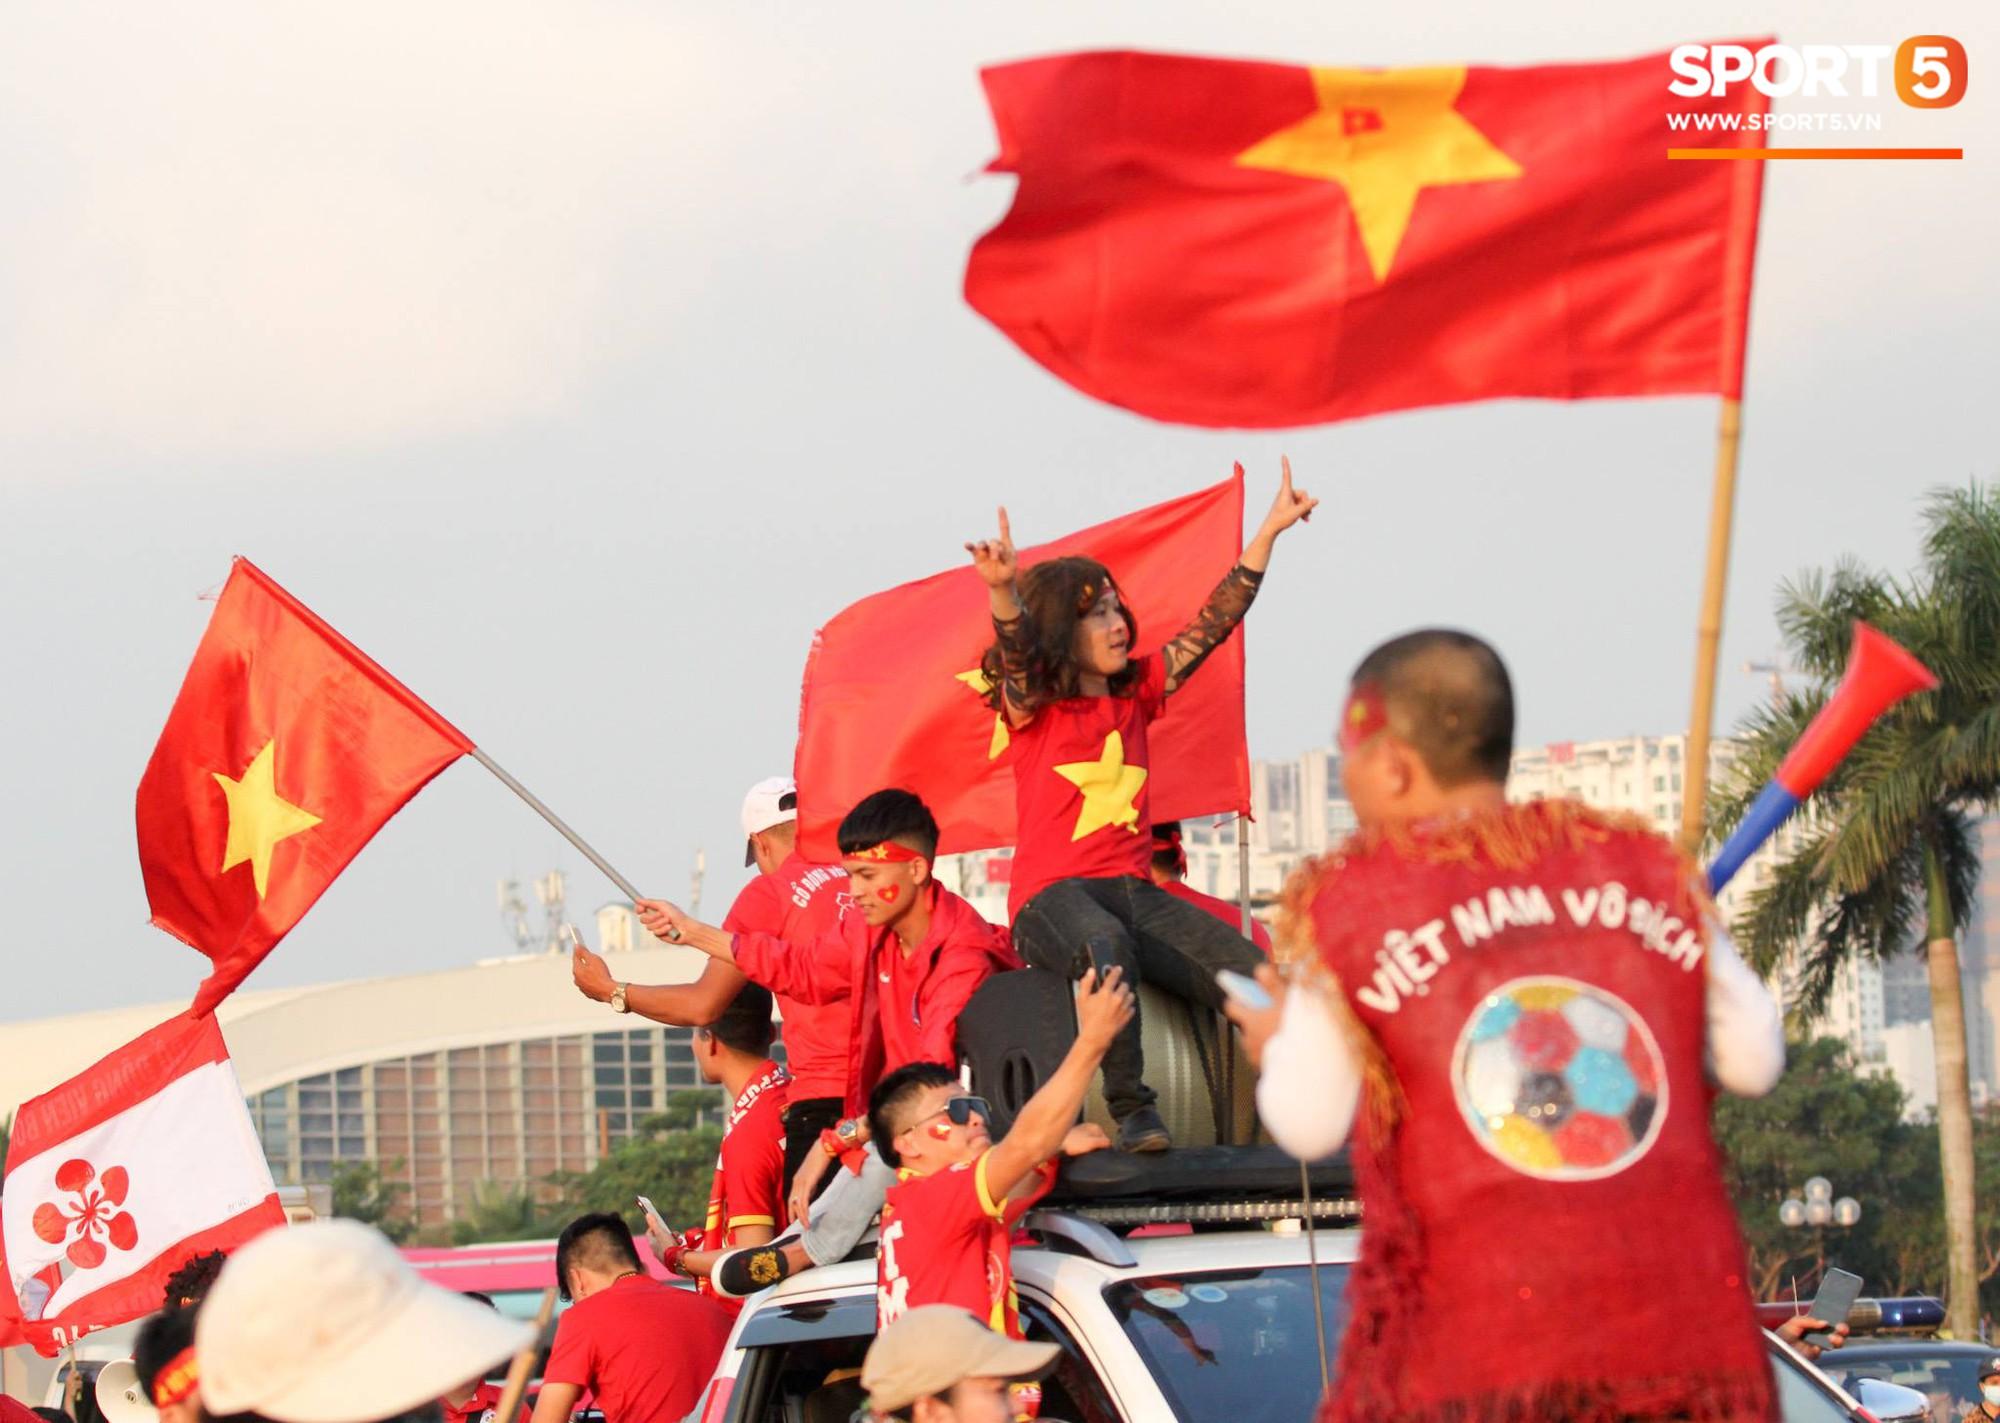 Cổ động viên đốt pháo sáng đỏ rực trời trước giờ xung trận của đội tuyển Việt Nam - Ảnh 3.